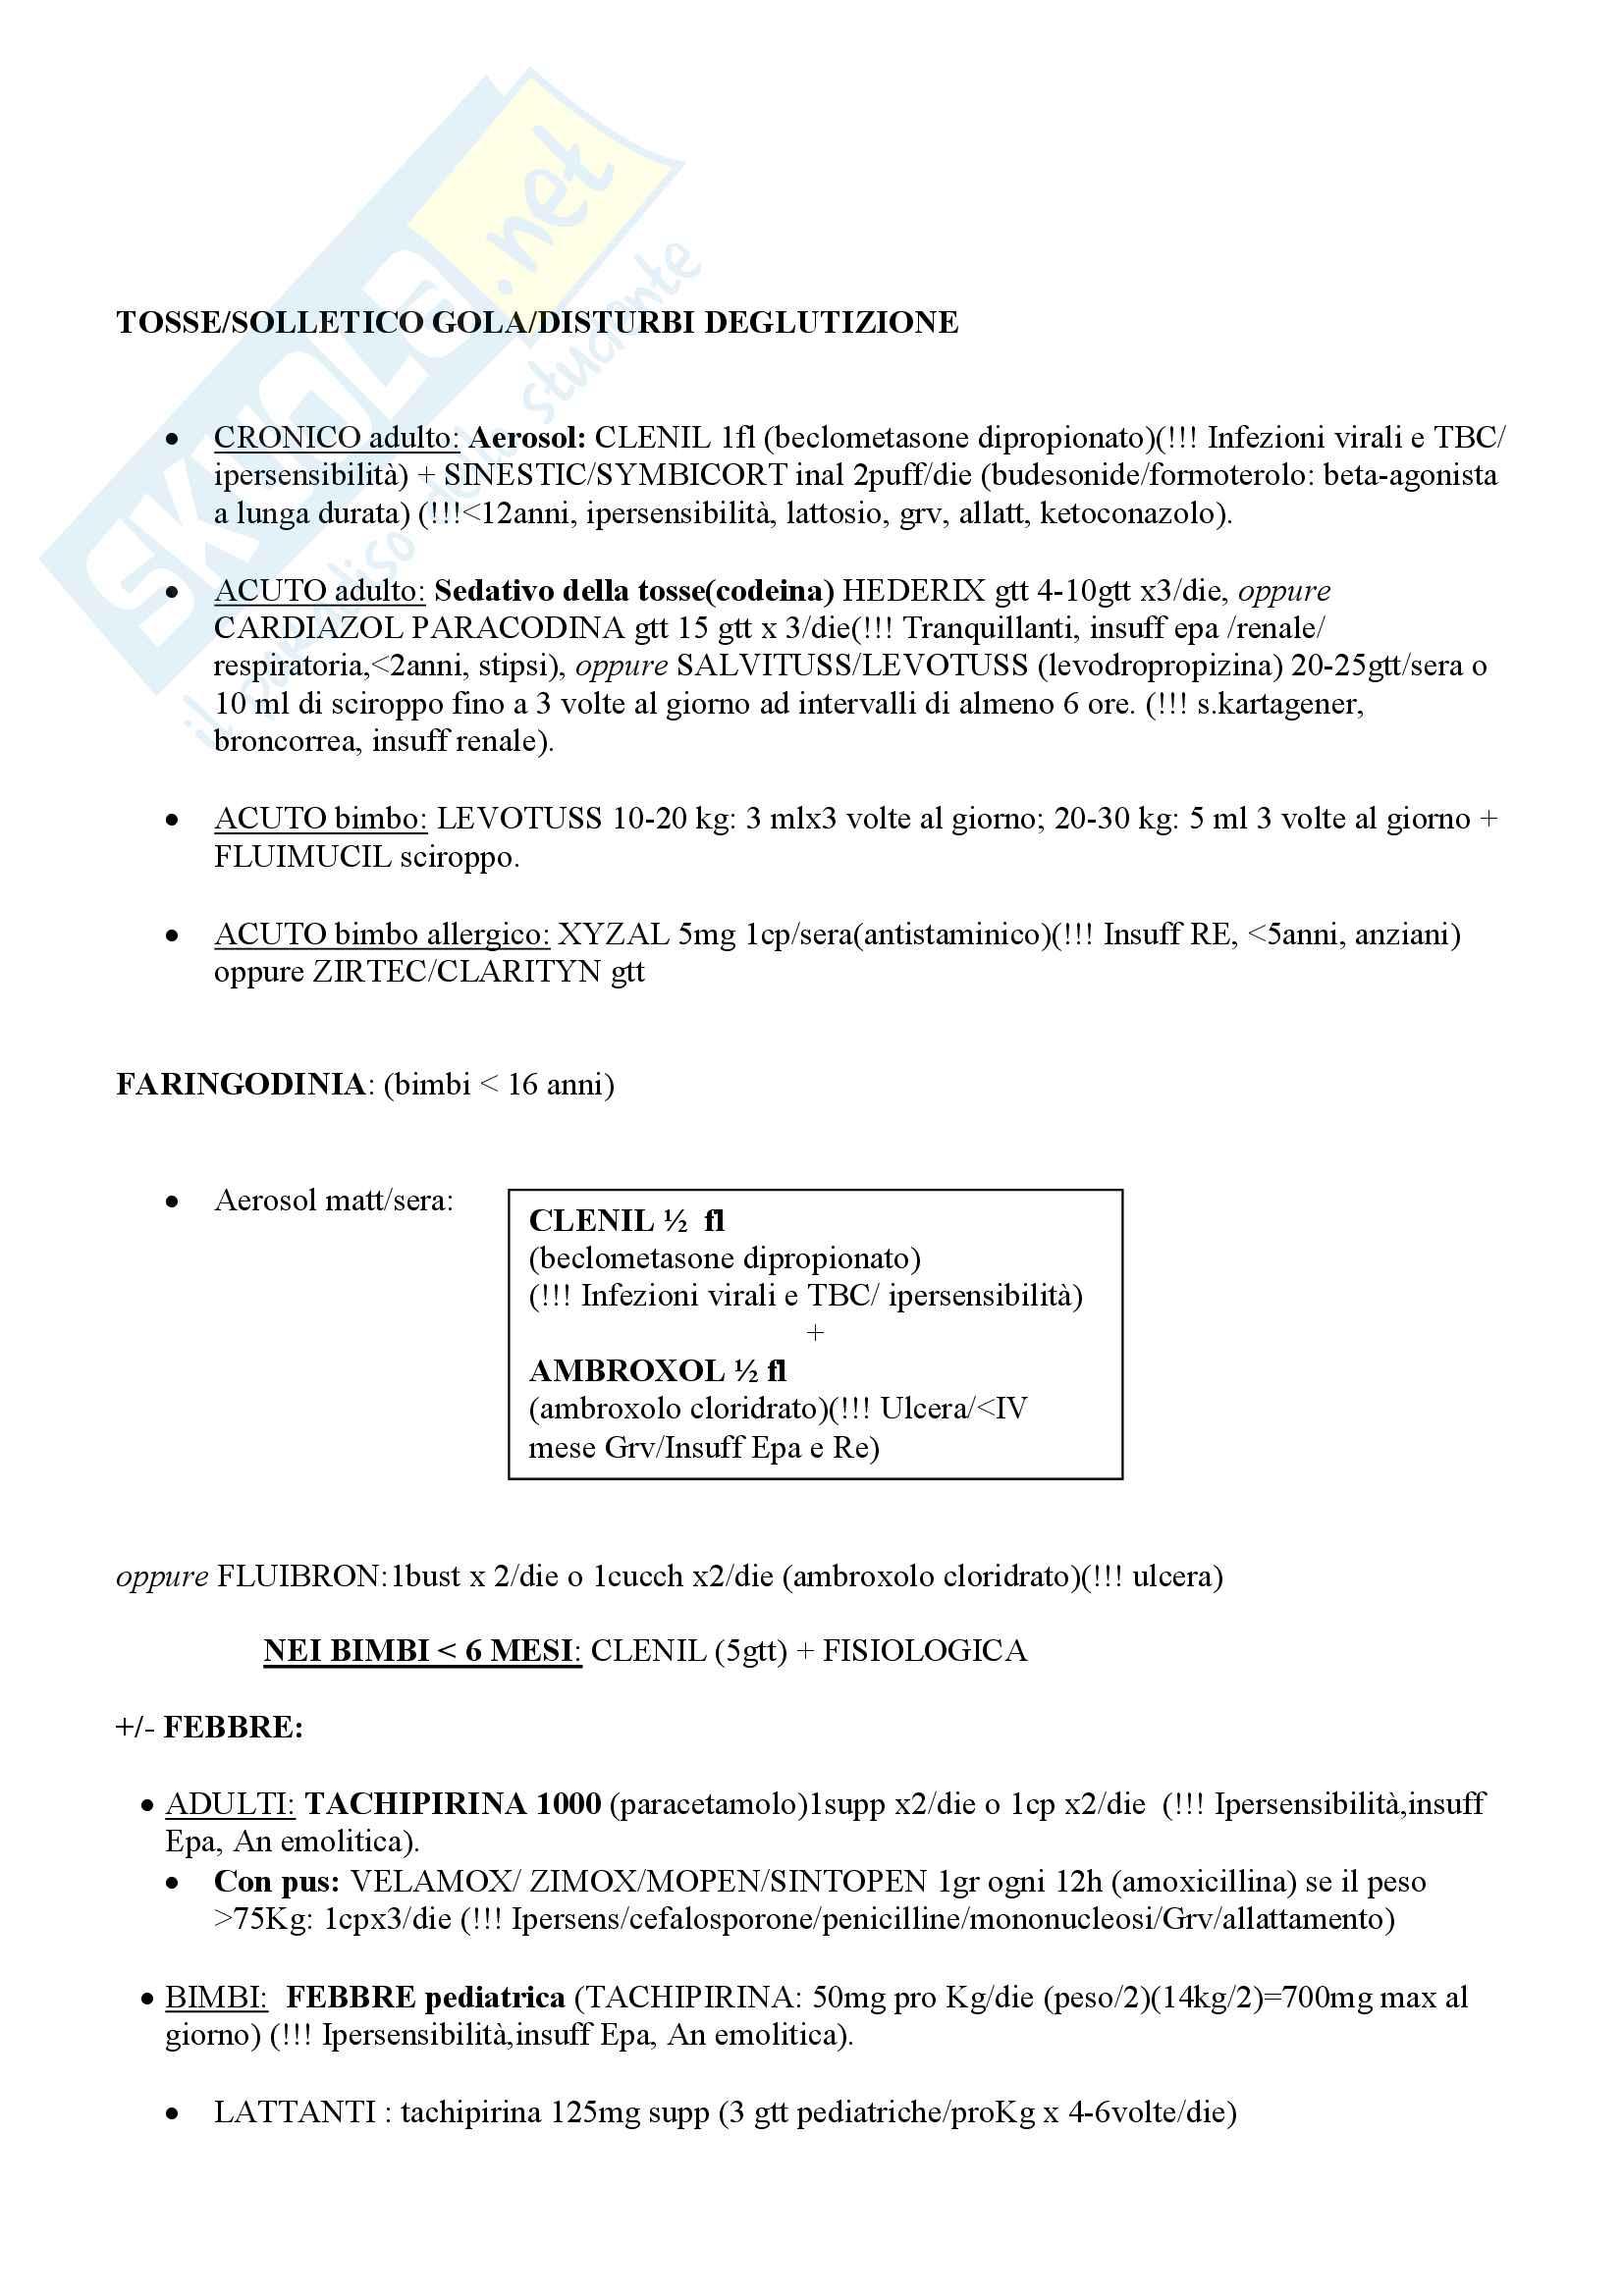 Schemi di Farmacologia Pag. 2